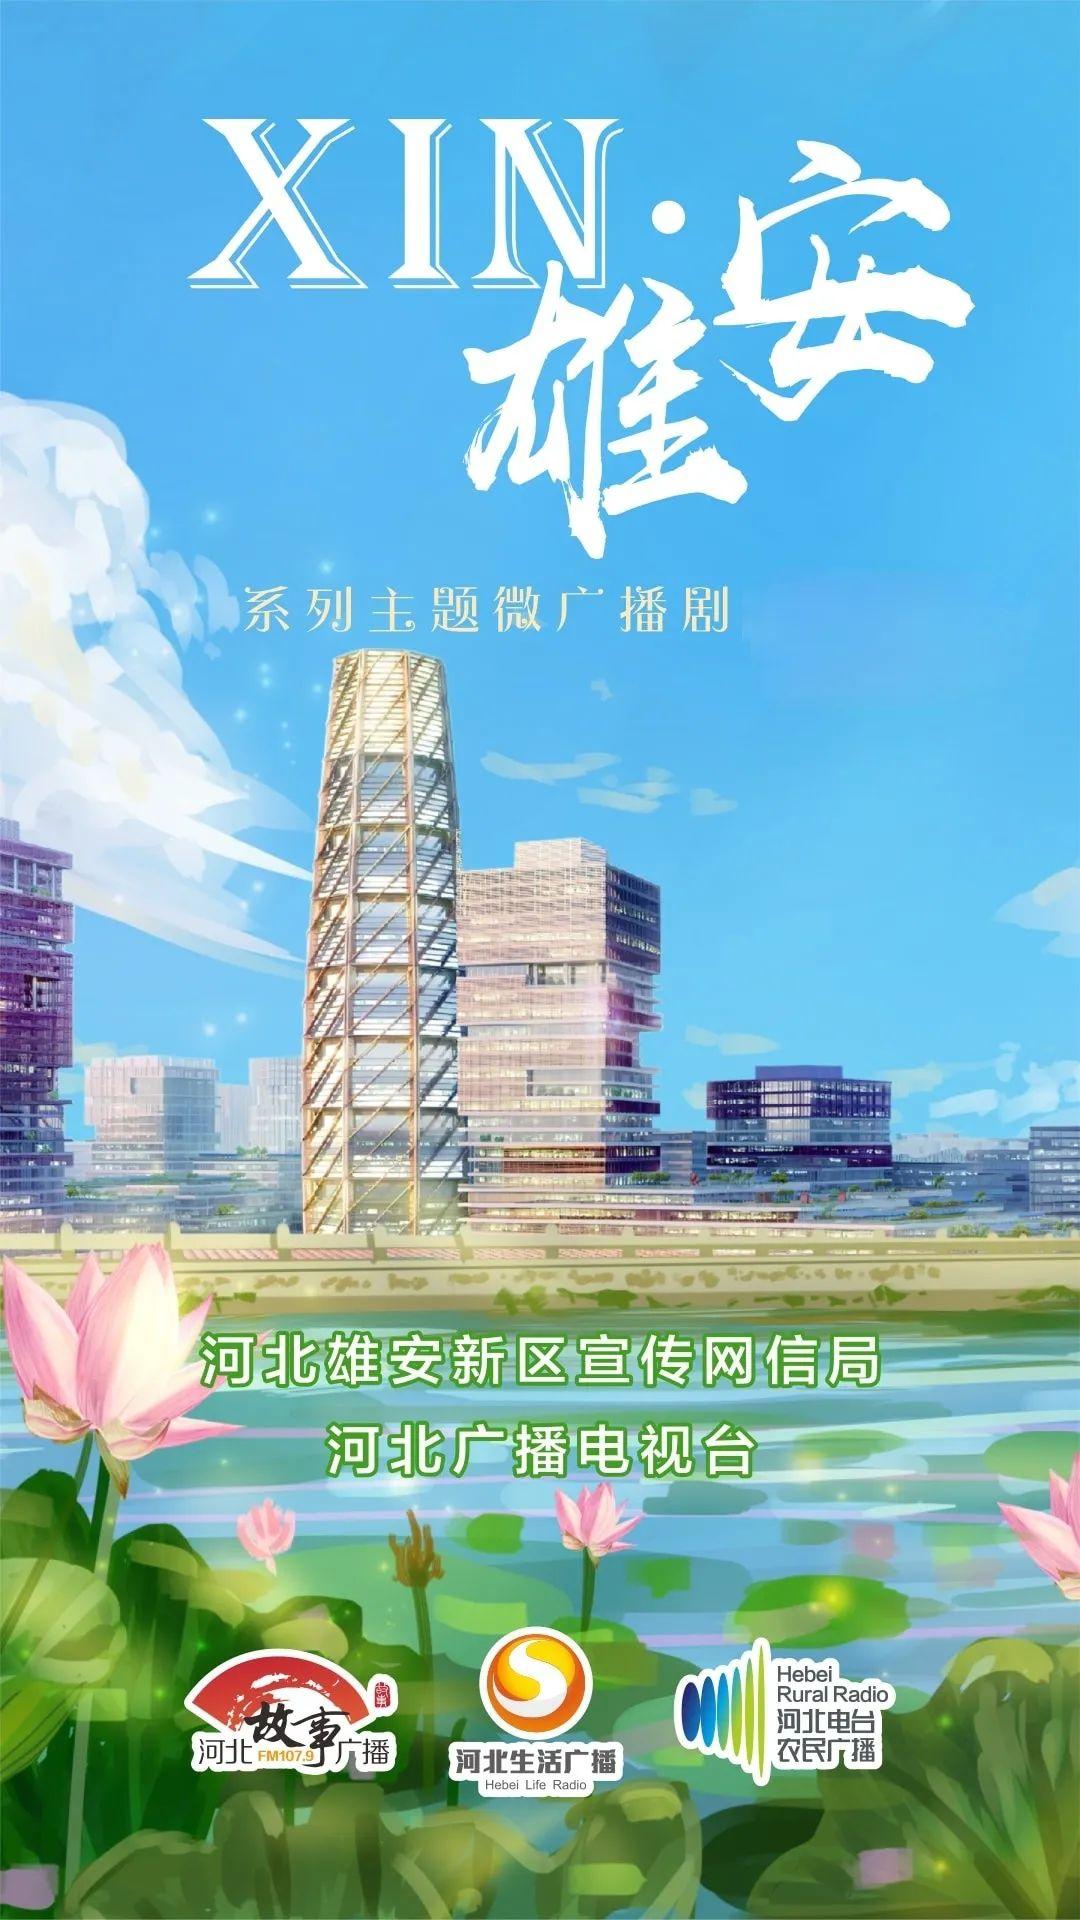 原创系列主题微广播剧《XIN·雄安》第二十七集《木船荡漾新生活》